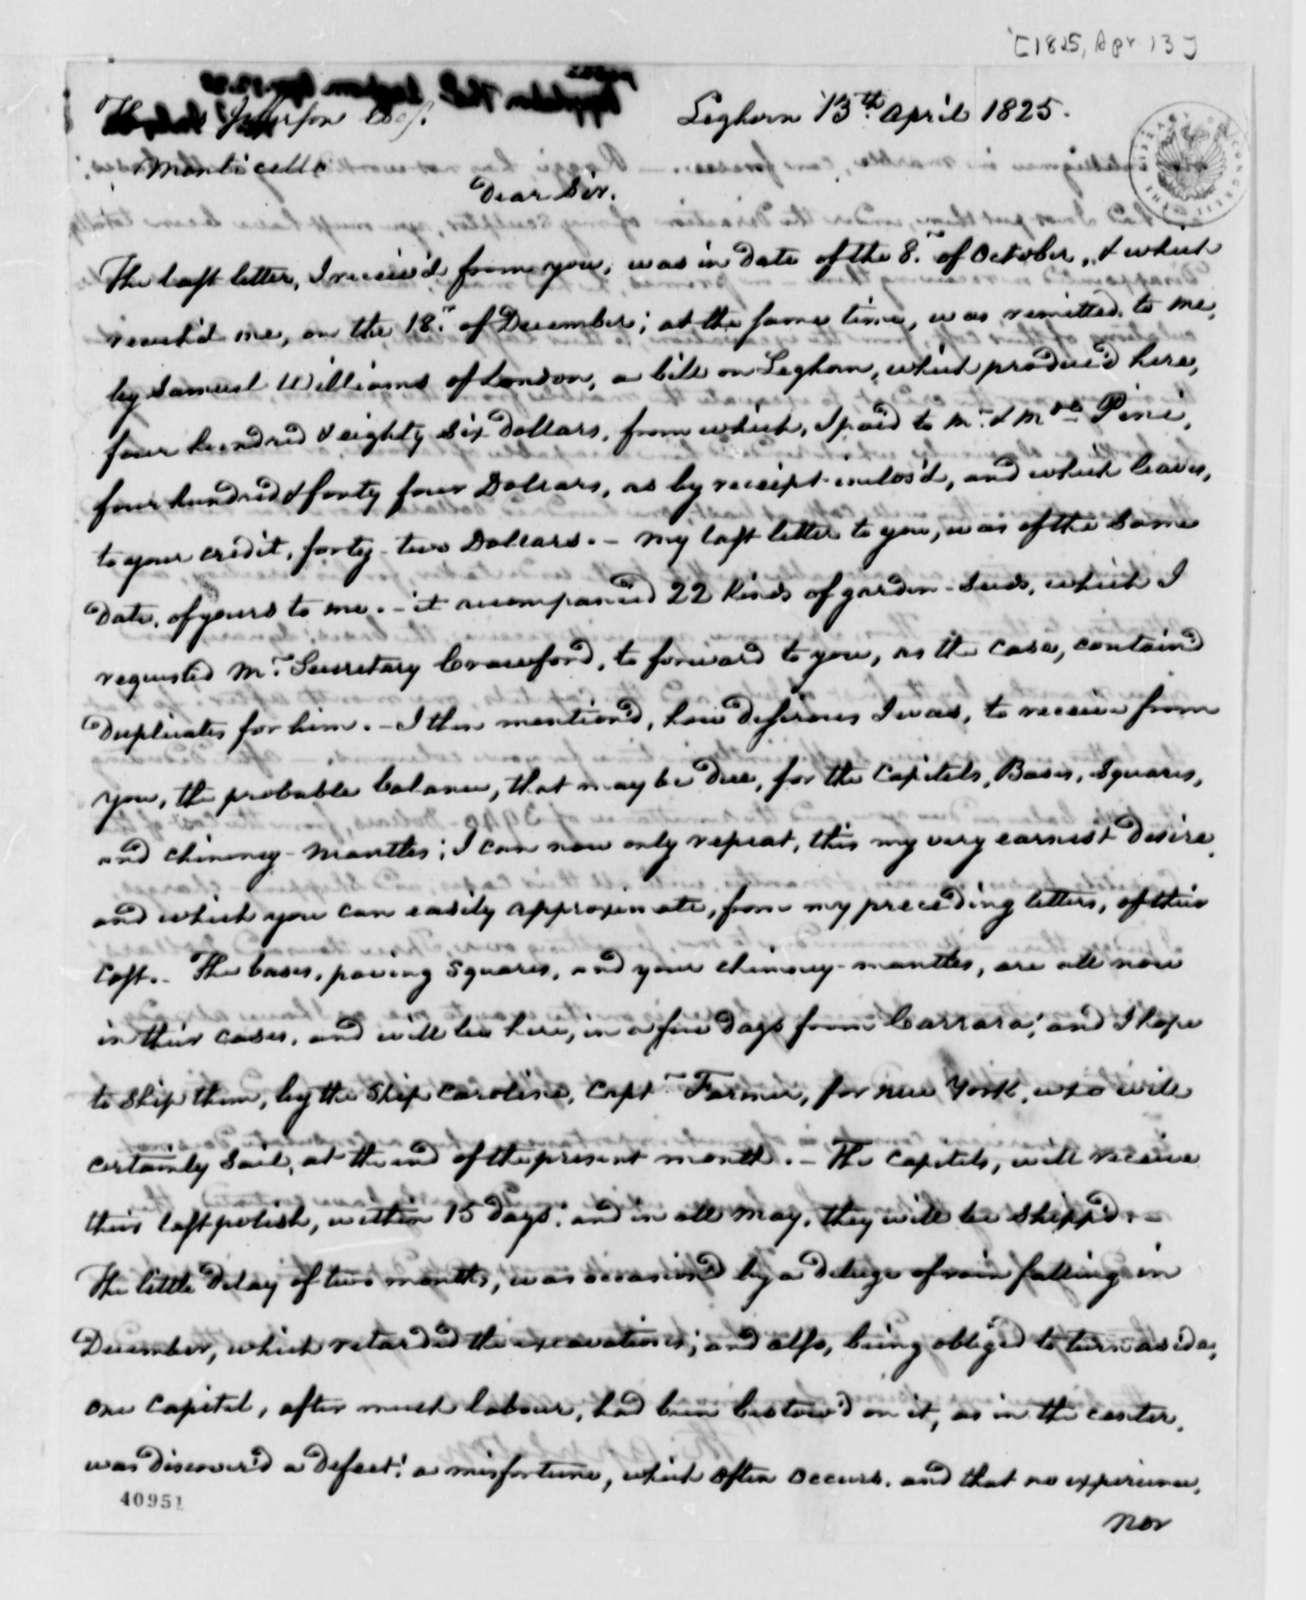 Thomas Appleton to Thomas Jefferson, April 13, 1825